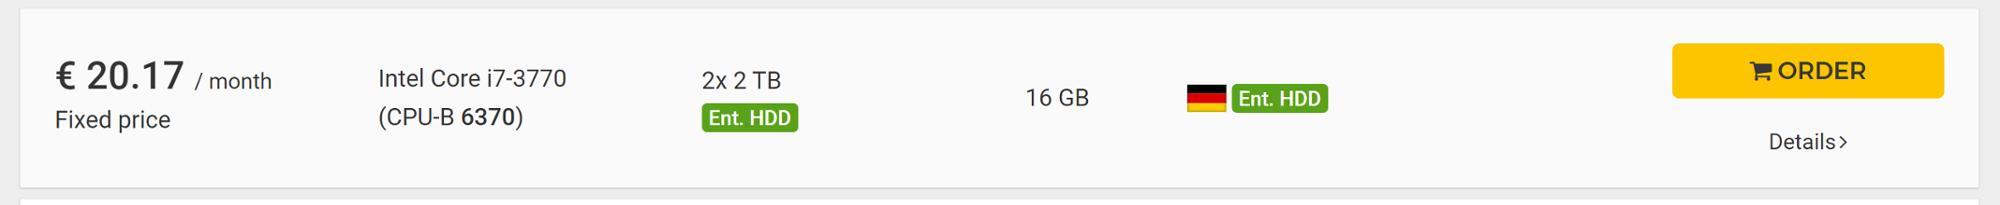 HZ 需要运行大量的上传下载服务 i7好还是E3好?-图2